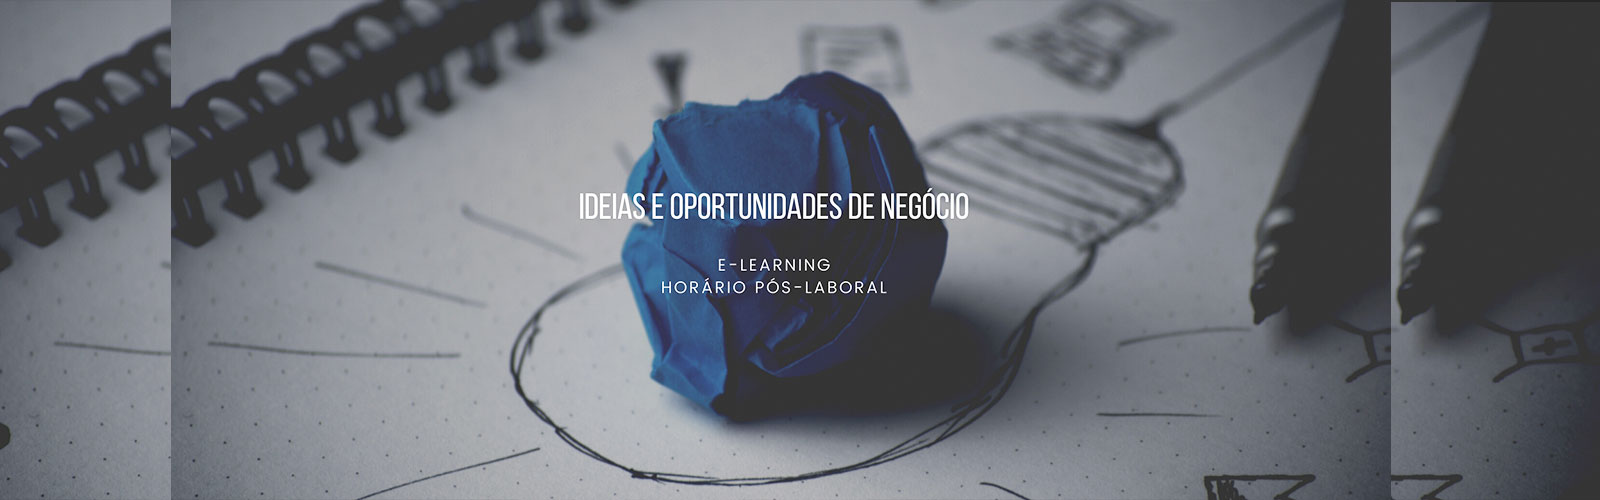 ideias_sld